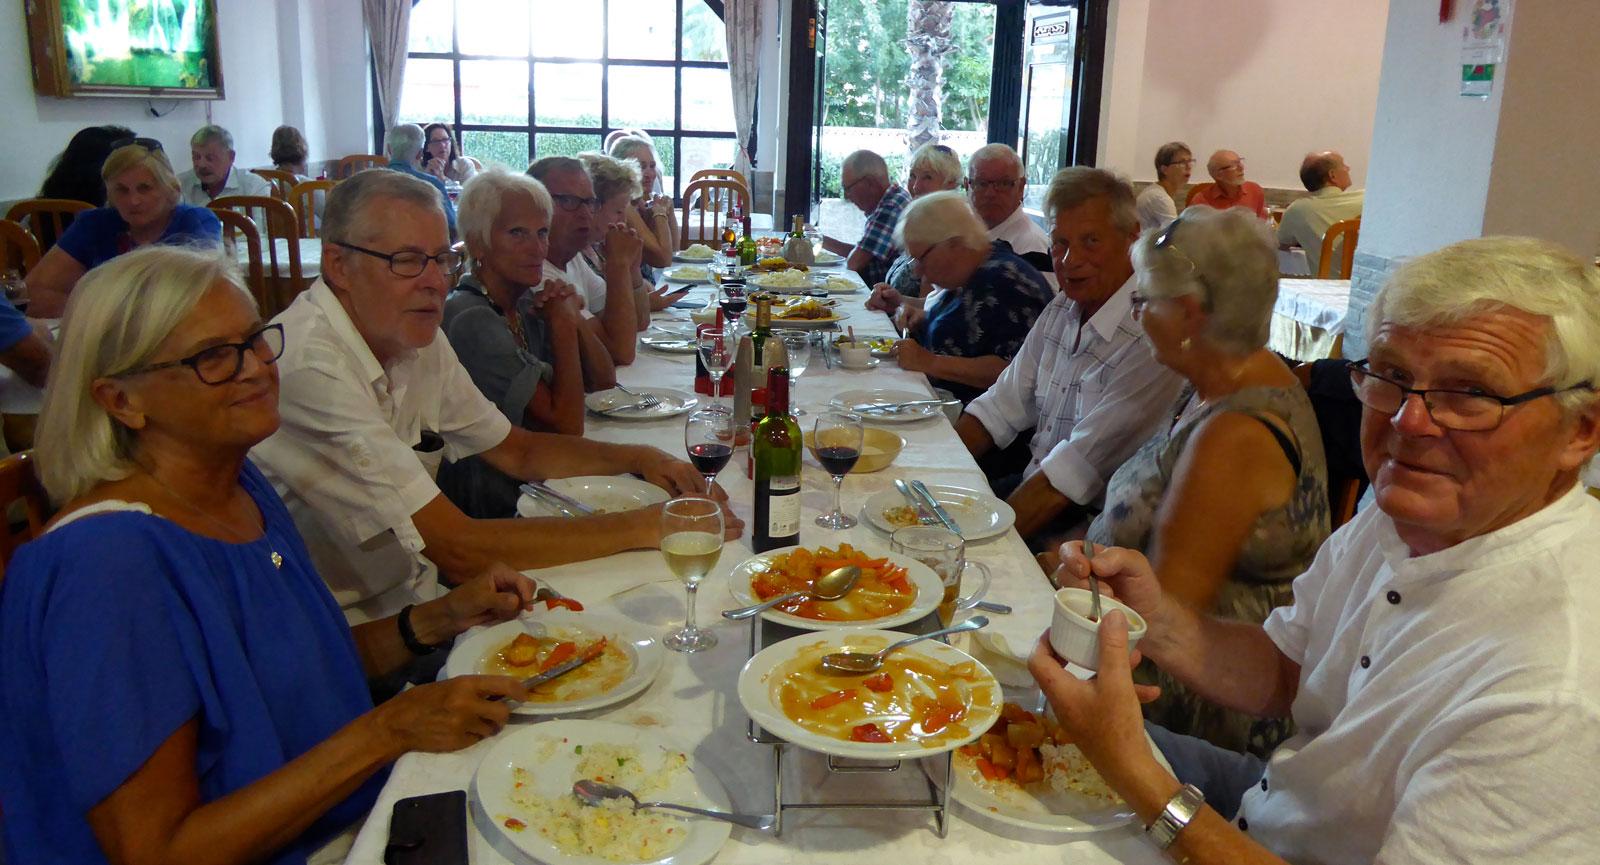 Svenskarna från ställplatsen samlade på restaurang i Calpe. Närmast kameran är Ingrid Johansson och Kurt Lindgren från Göteborg.